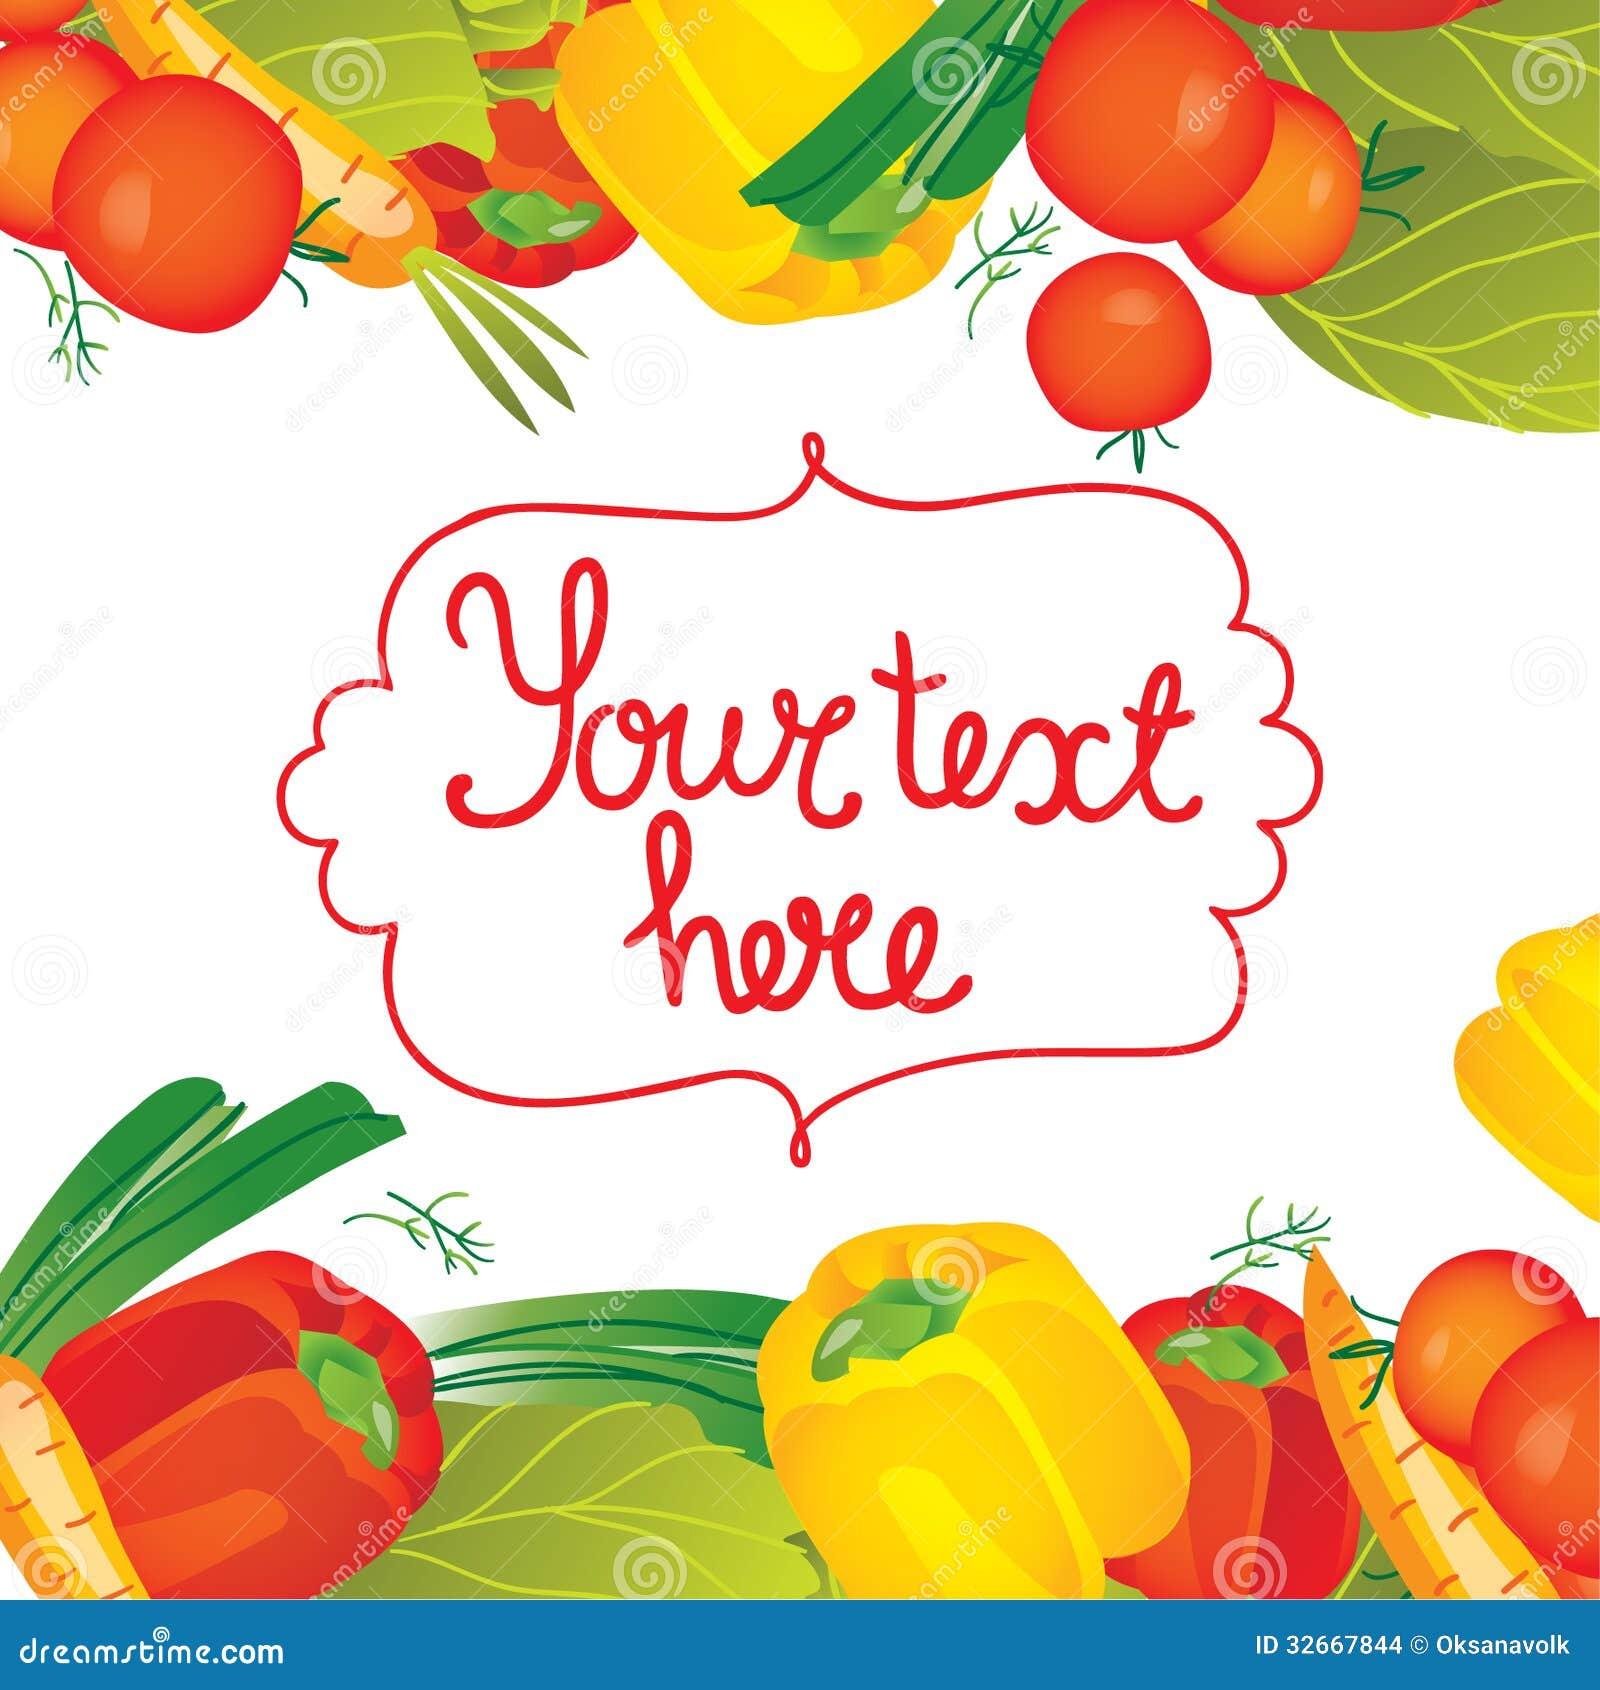 Vegetable garden border clipart vegetable garden border - Vector Illustration Vegetables Vegetable Garden Border Clipart